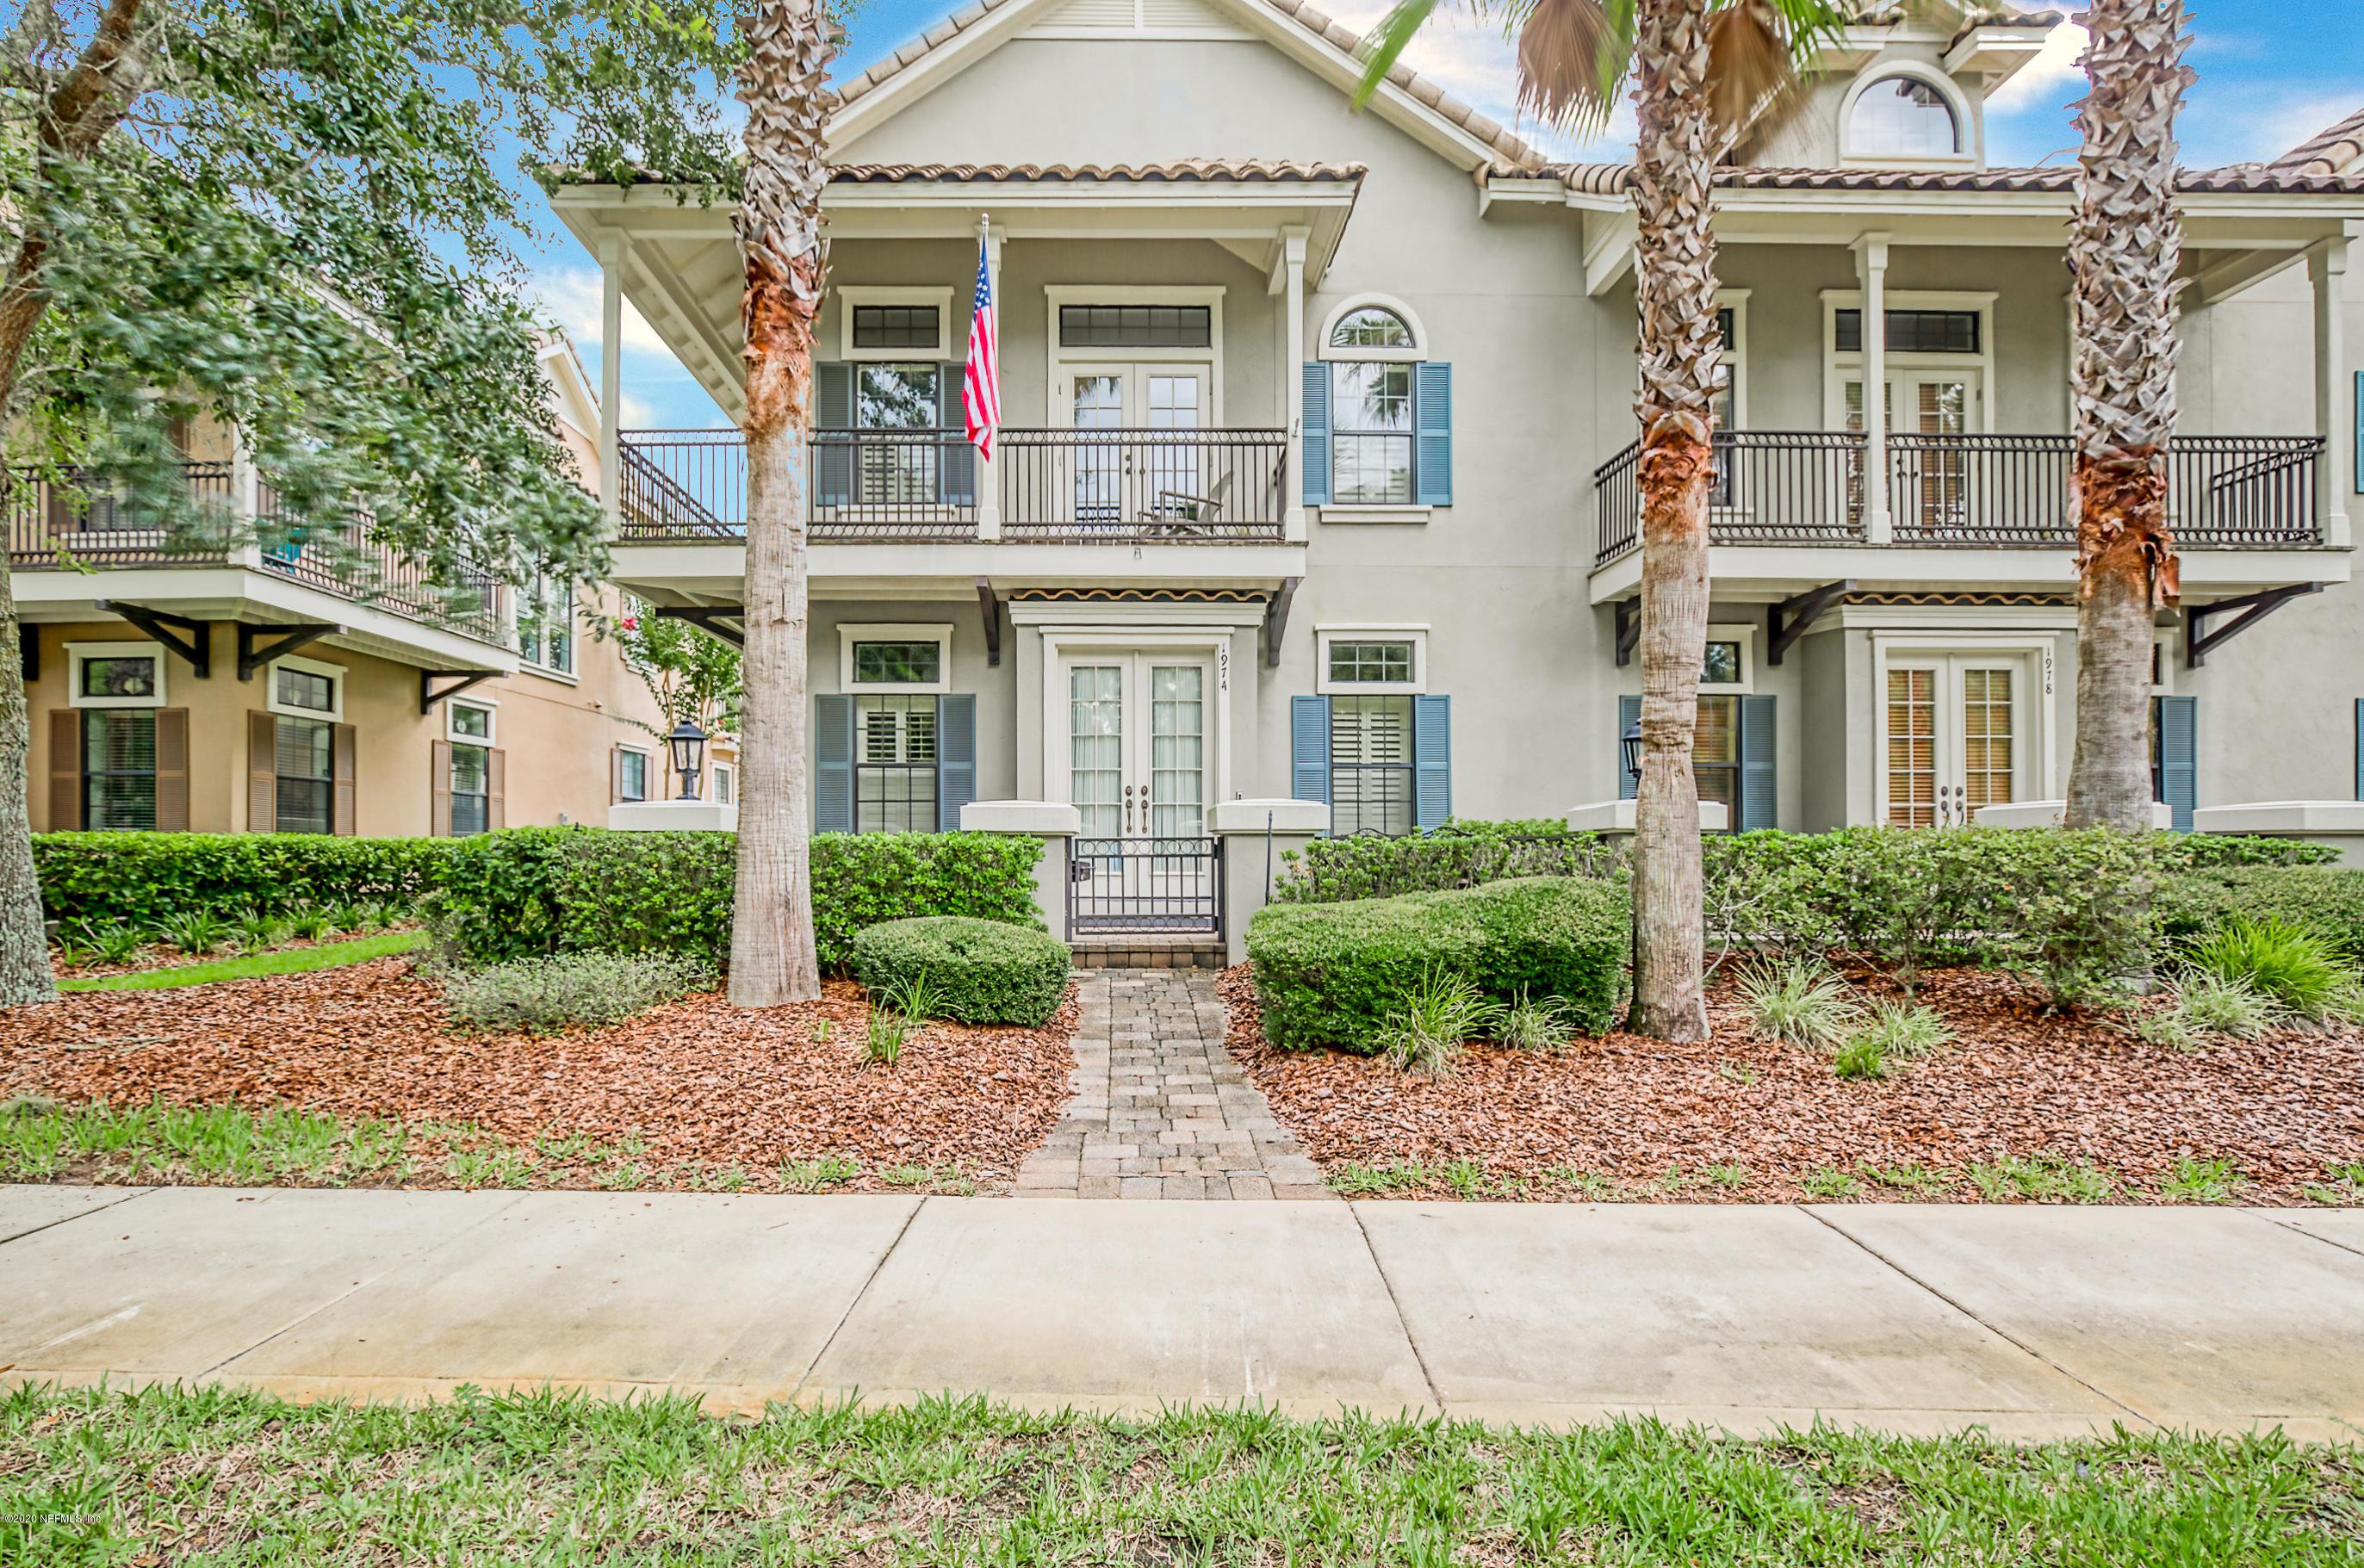 1974 LOOP, ST AUGUSTINE, FLORIDA 32095, 3 Bedrooms Bedrooms, ,2 BathroomsBathrooms,Residential,For sale,LOOP,1062580